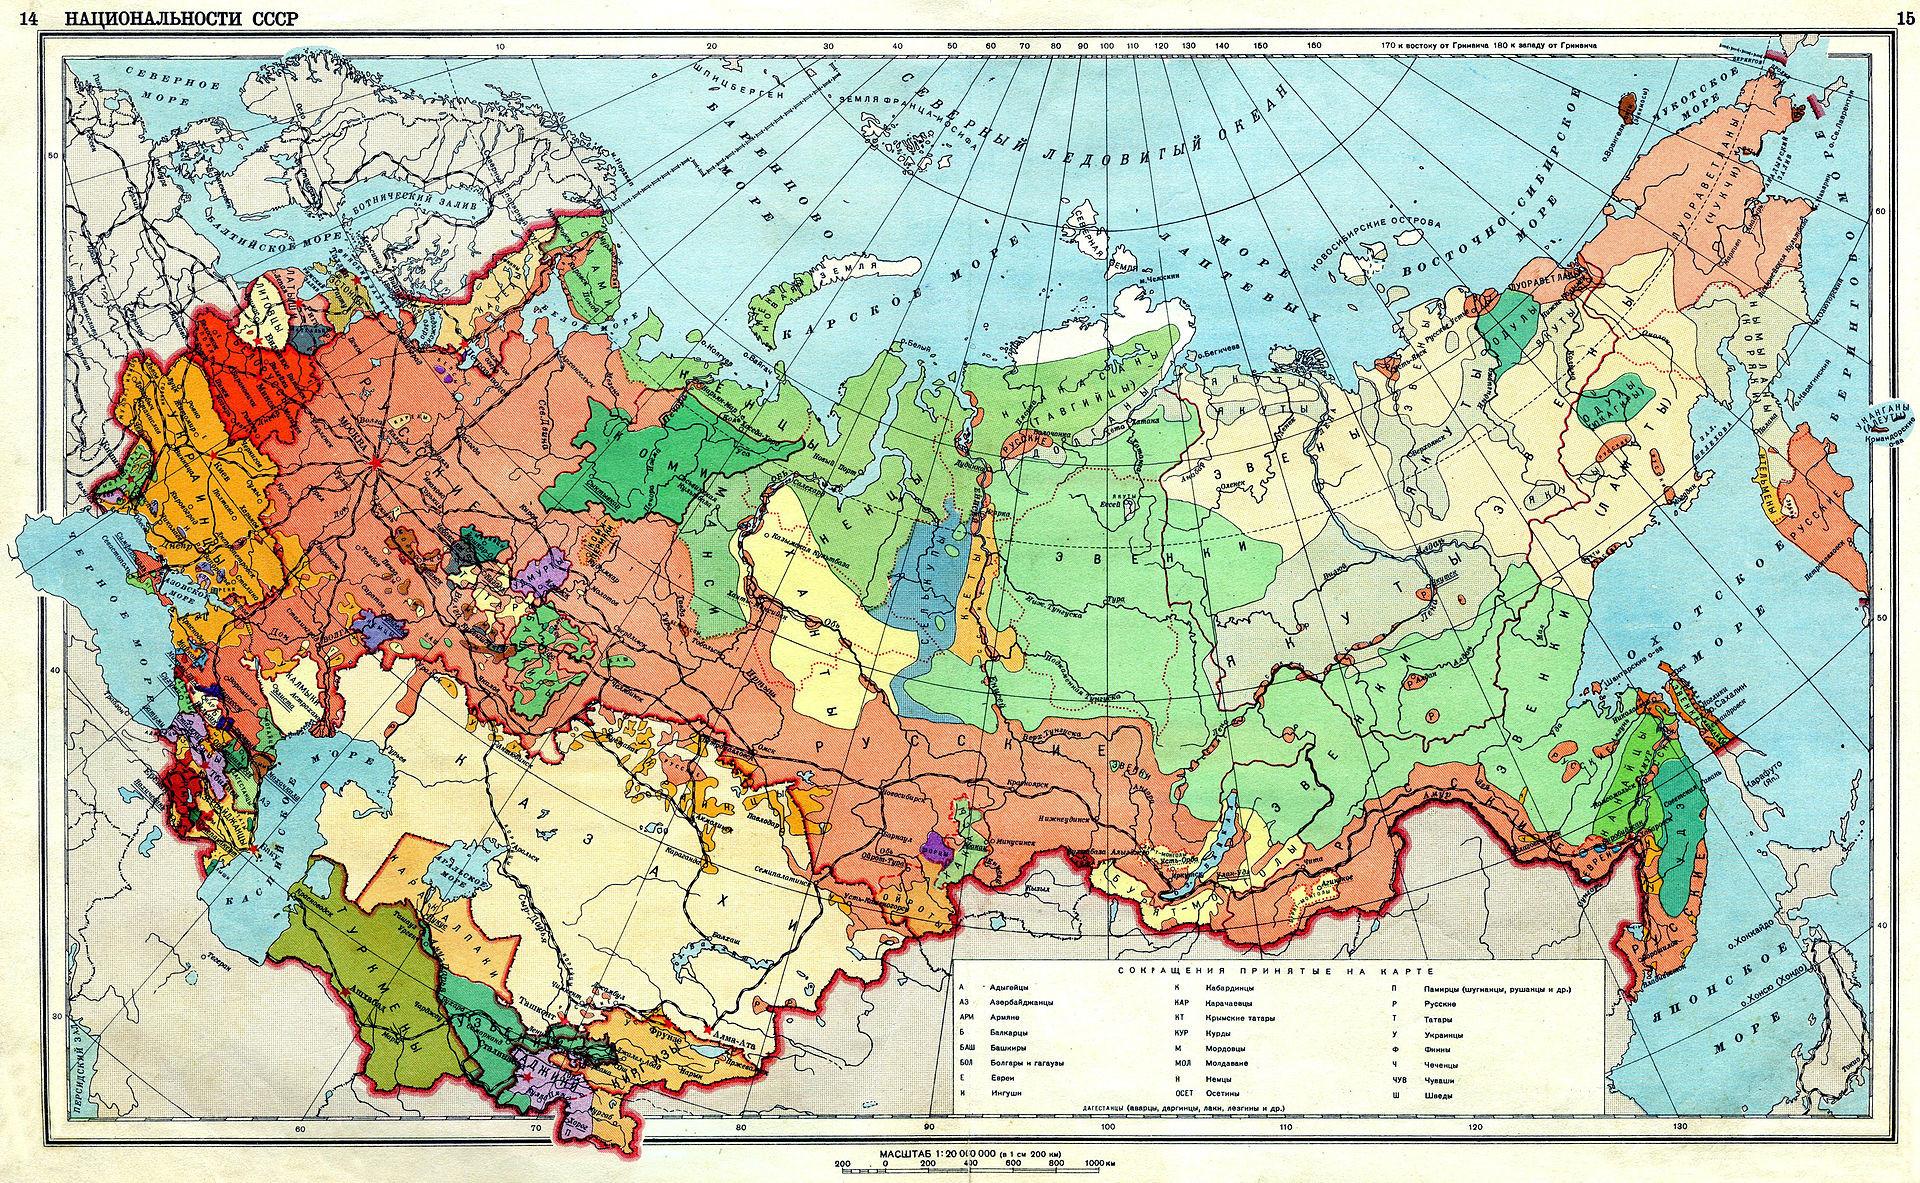 Zemljevid etničnih skupin v ZSSR